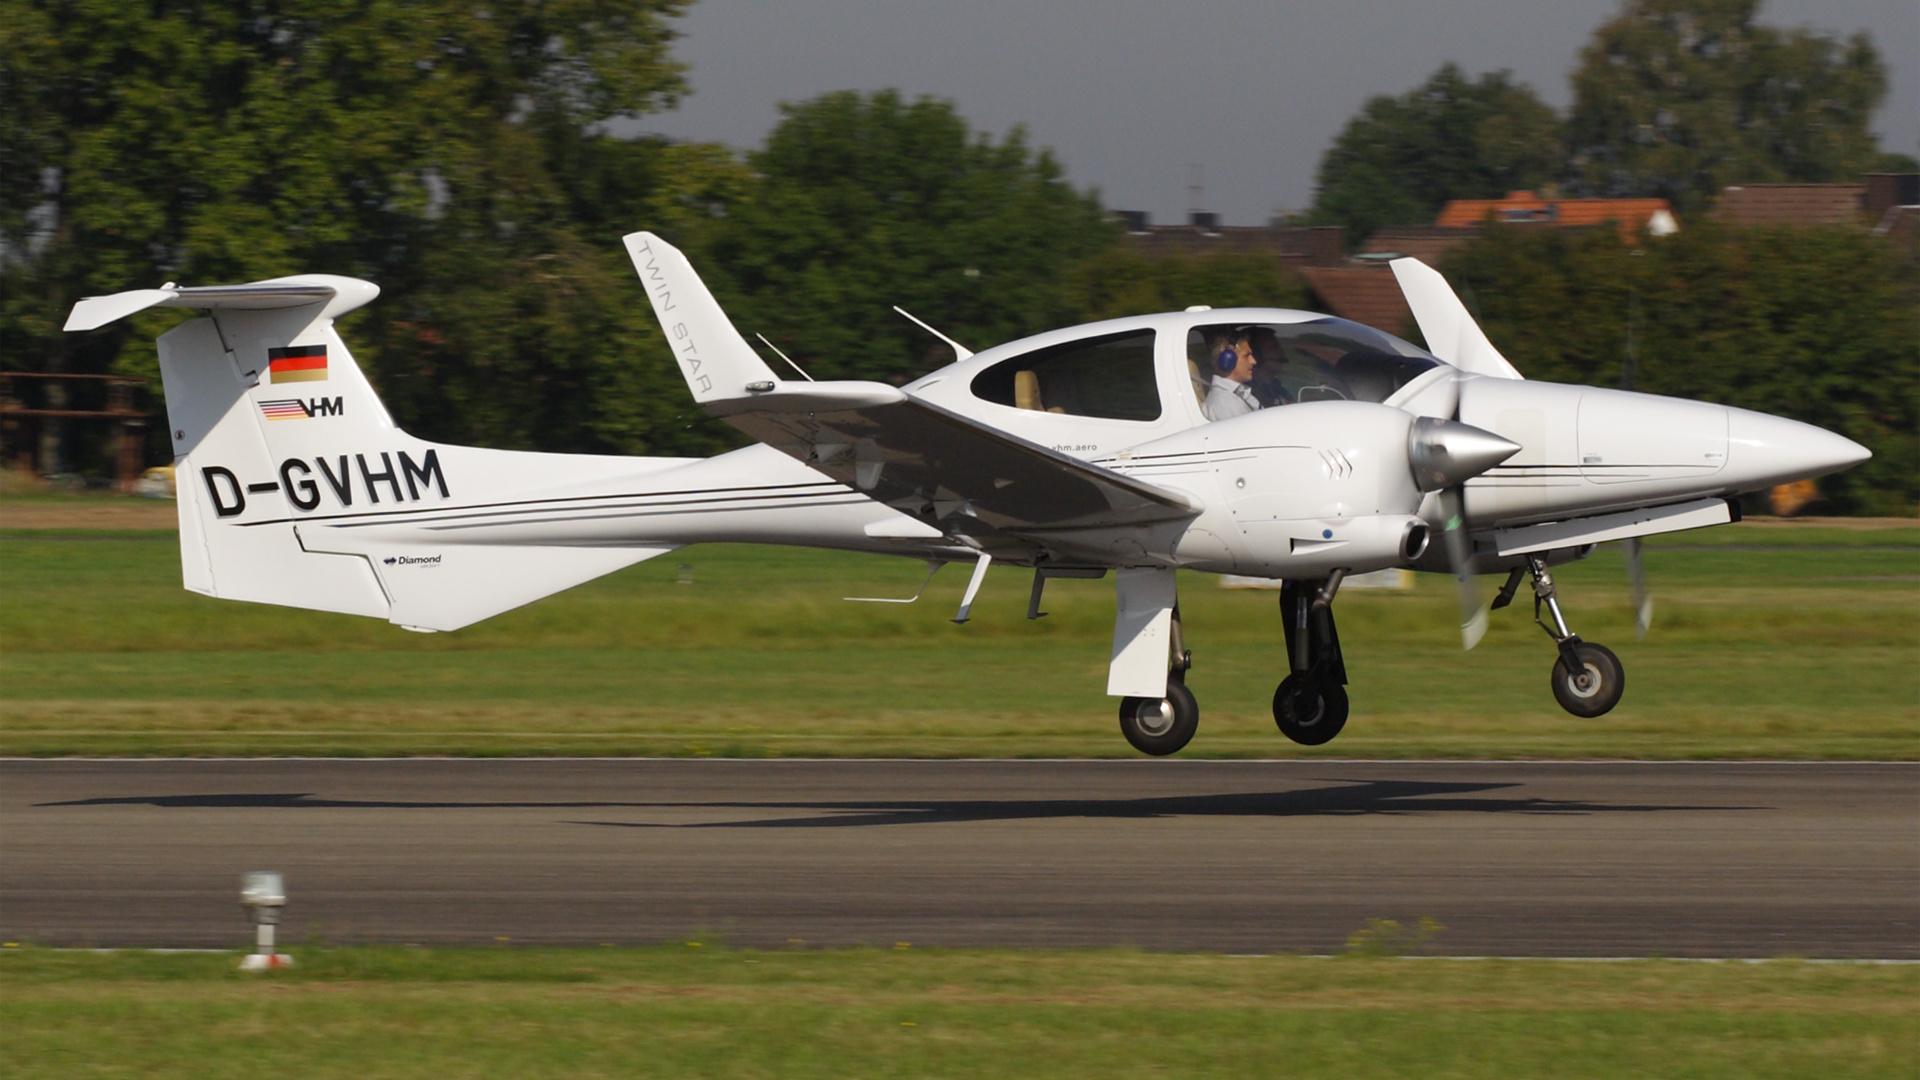 D-GVHM-2 DA42 ESS 200909